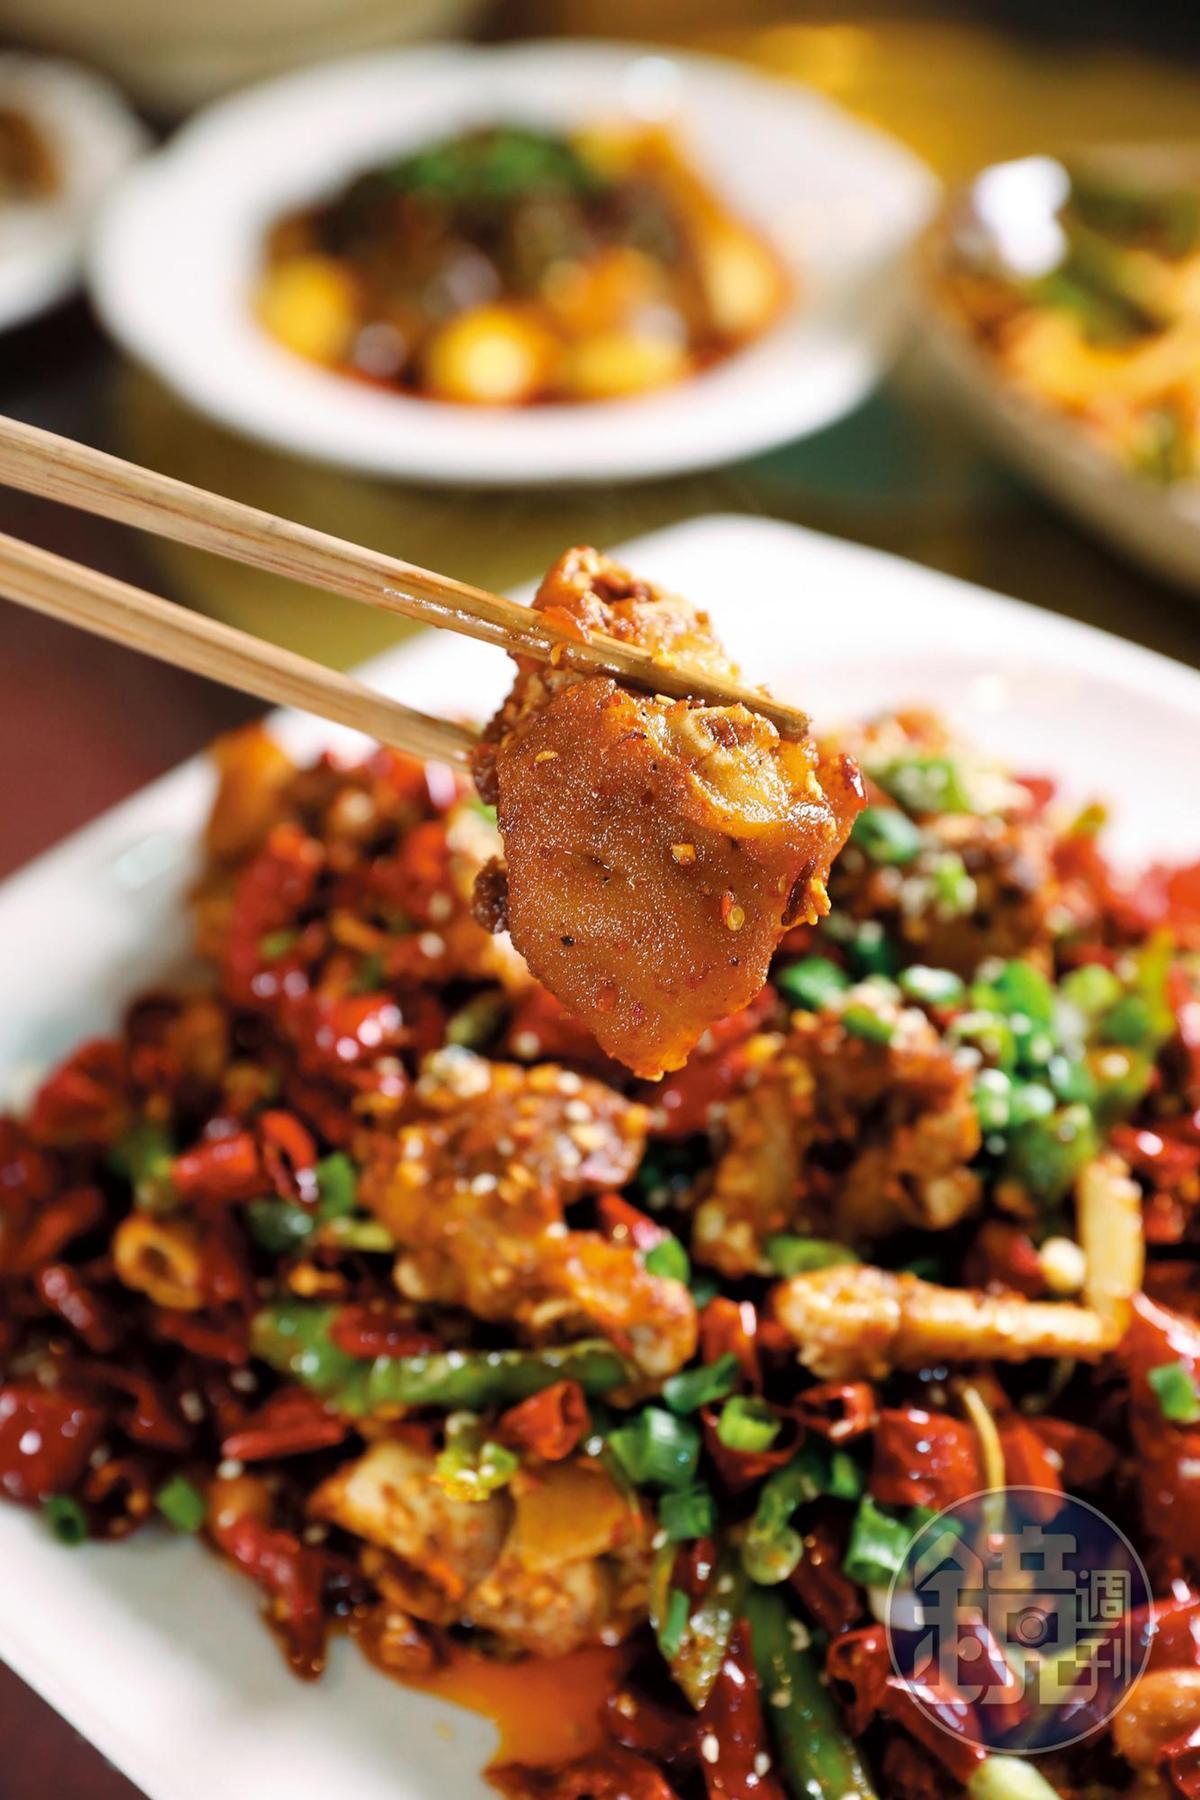 蹄花也有川味版本,「老媽香辣蹄花」啃的是骨邊肉的甜味。(人民幣88元/份,約NT$394)